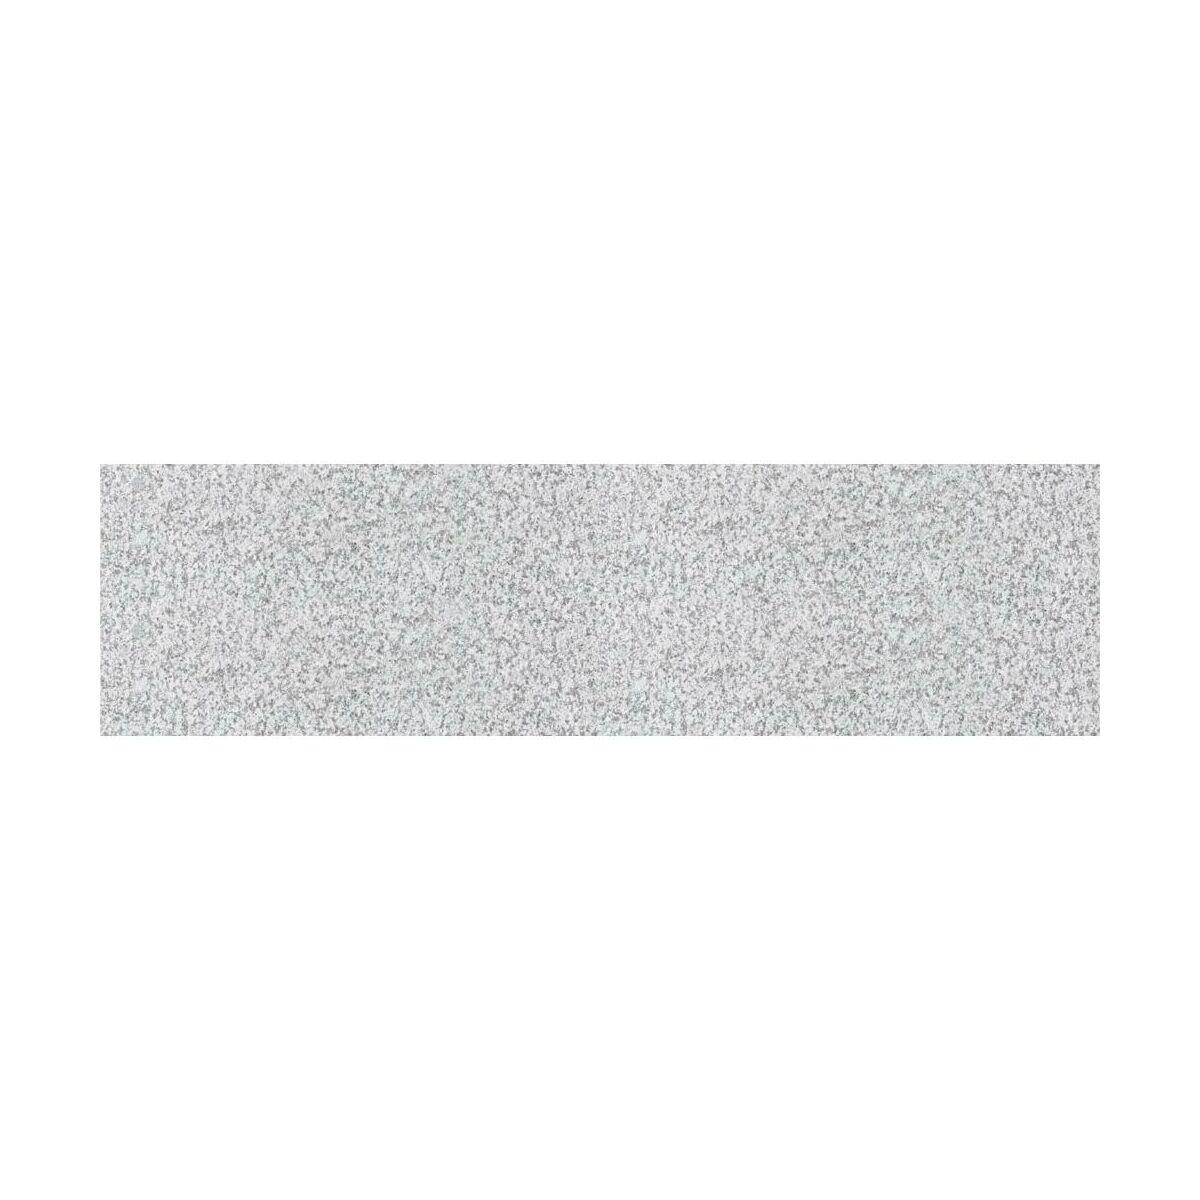 Stopnica Stone 2 X 33 X 120 Iryda Granit W Atrakcyjnej Cenie W Sklepach Leroy Merlin